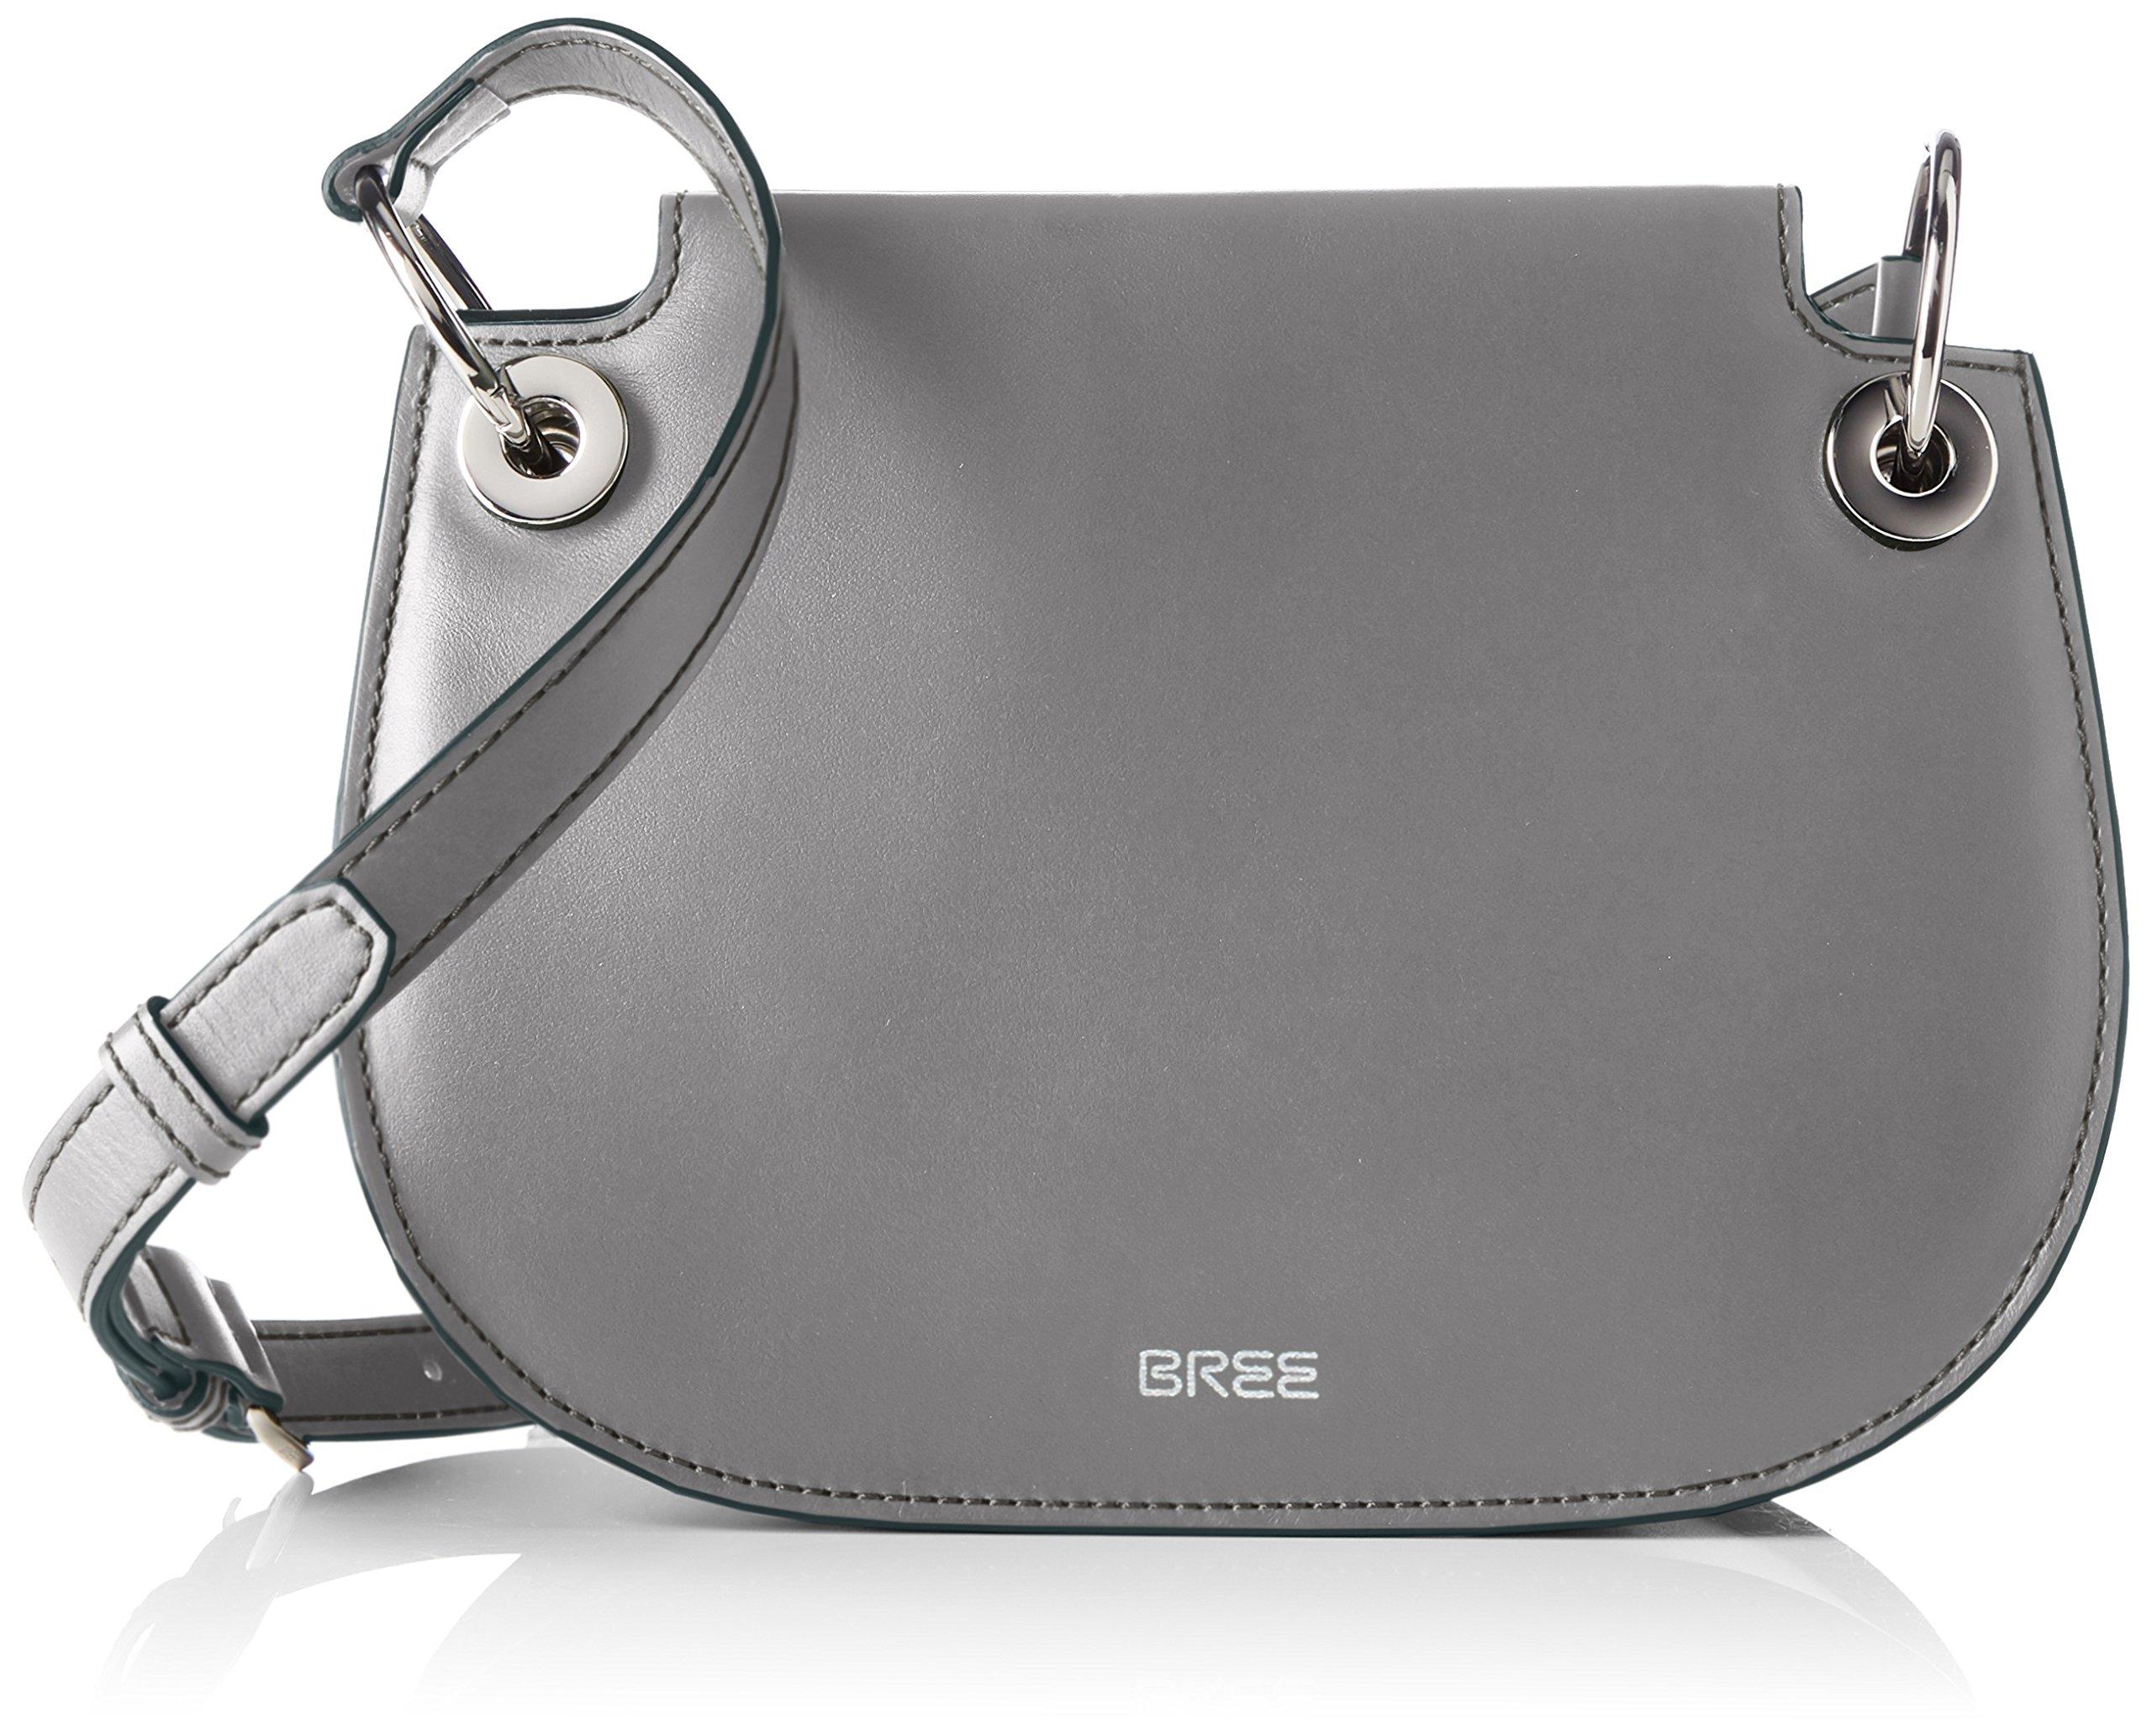 Bree Handtaschen Taschen 357***006_960 dark grey Grau Y7d3d